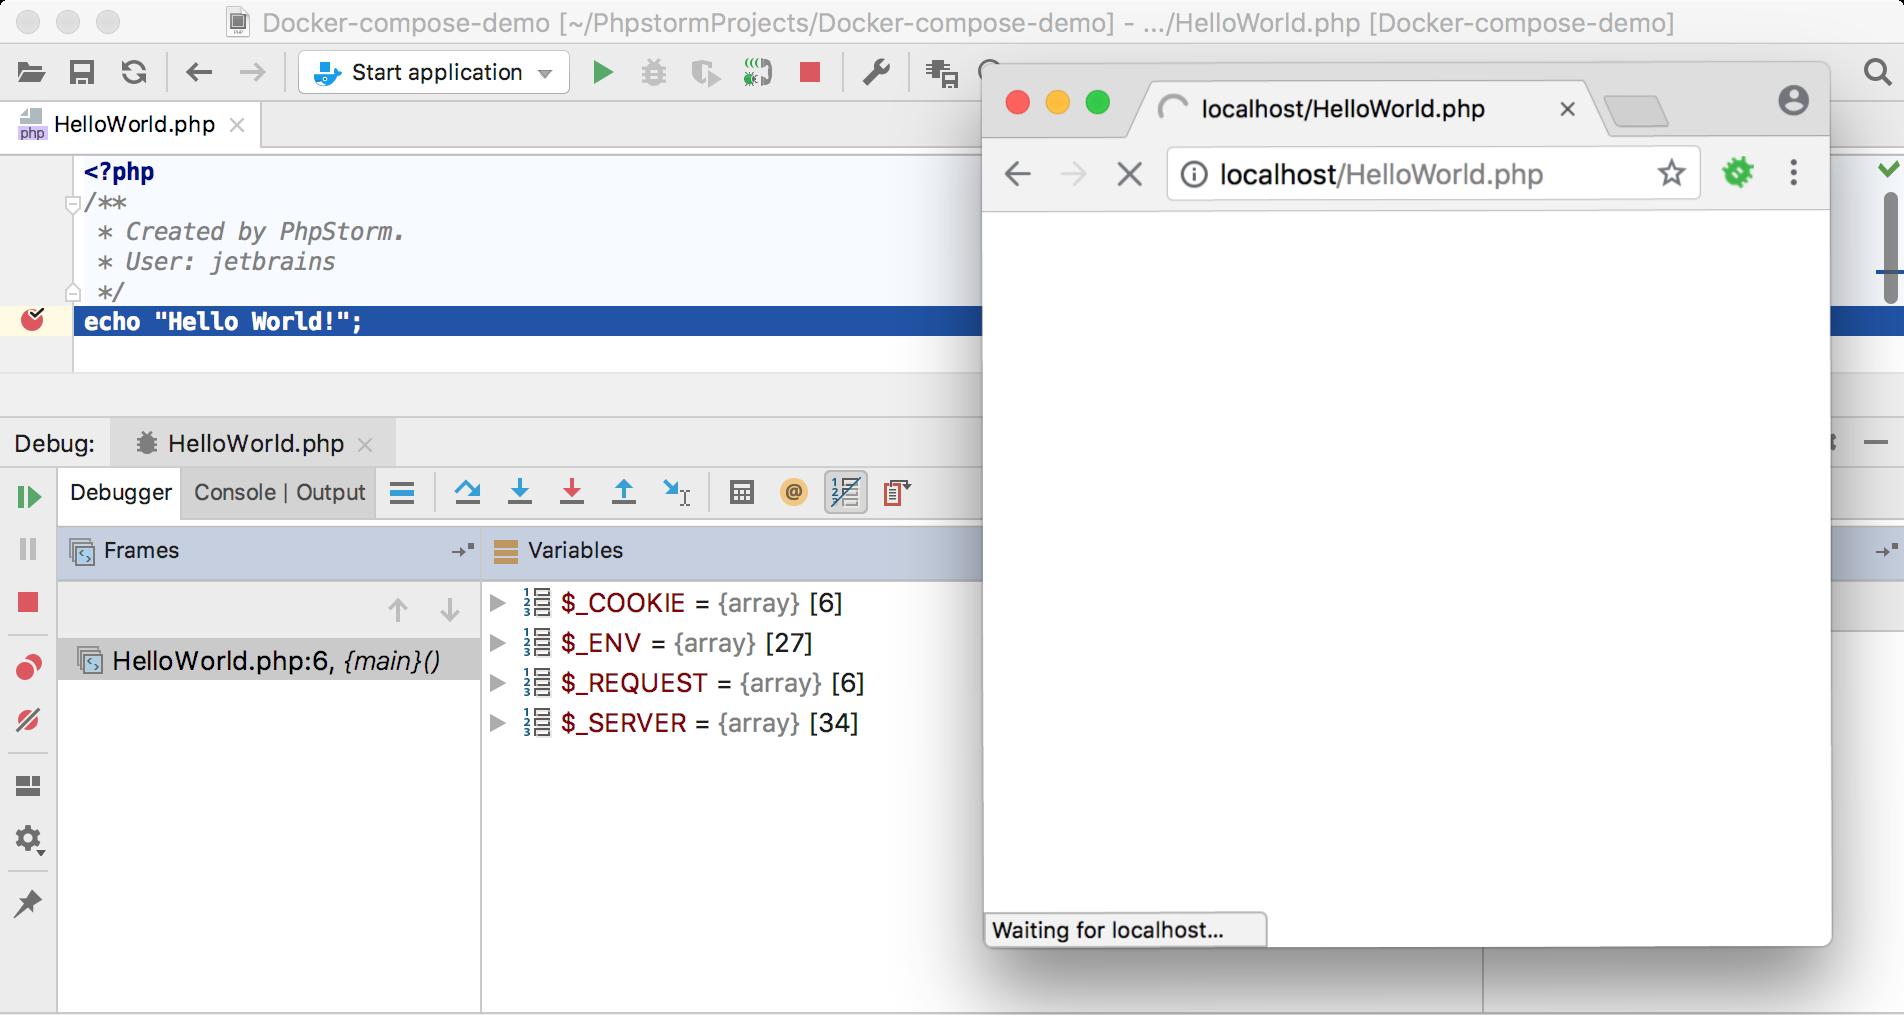 debugging_started